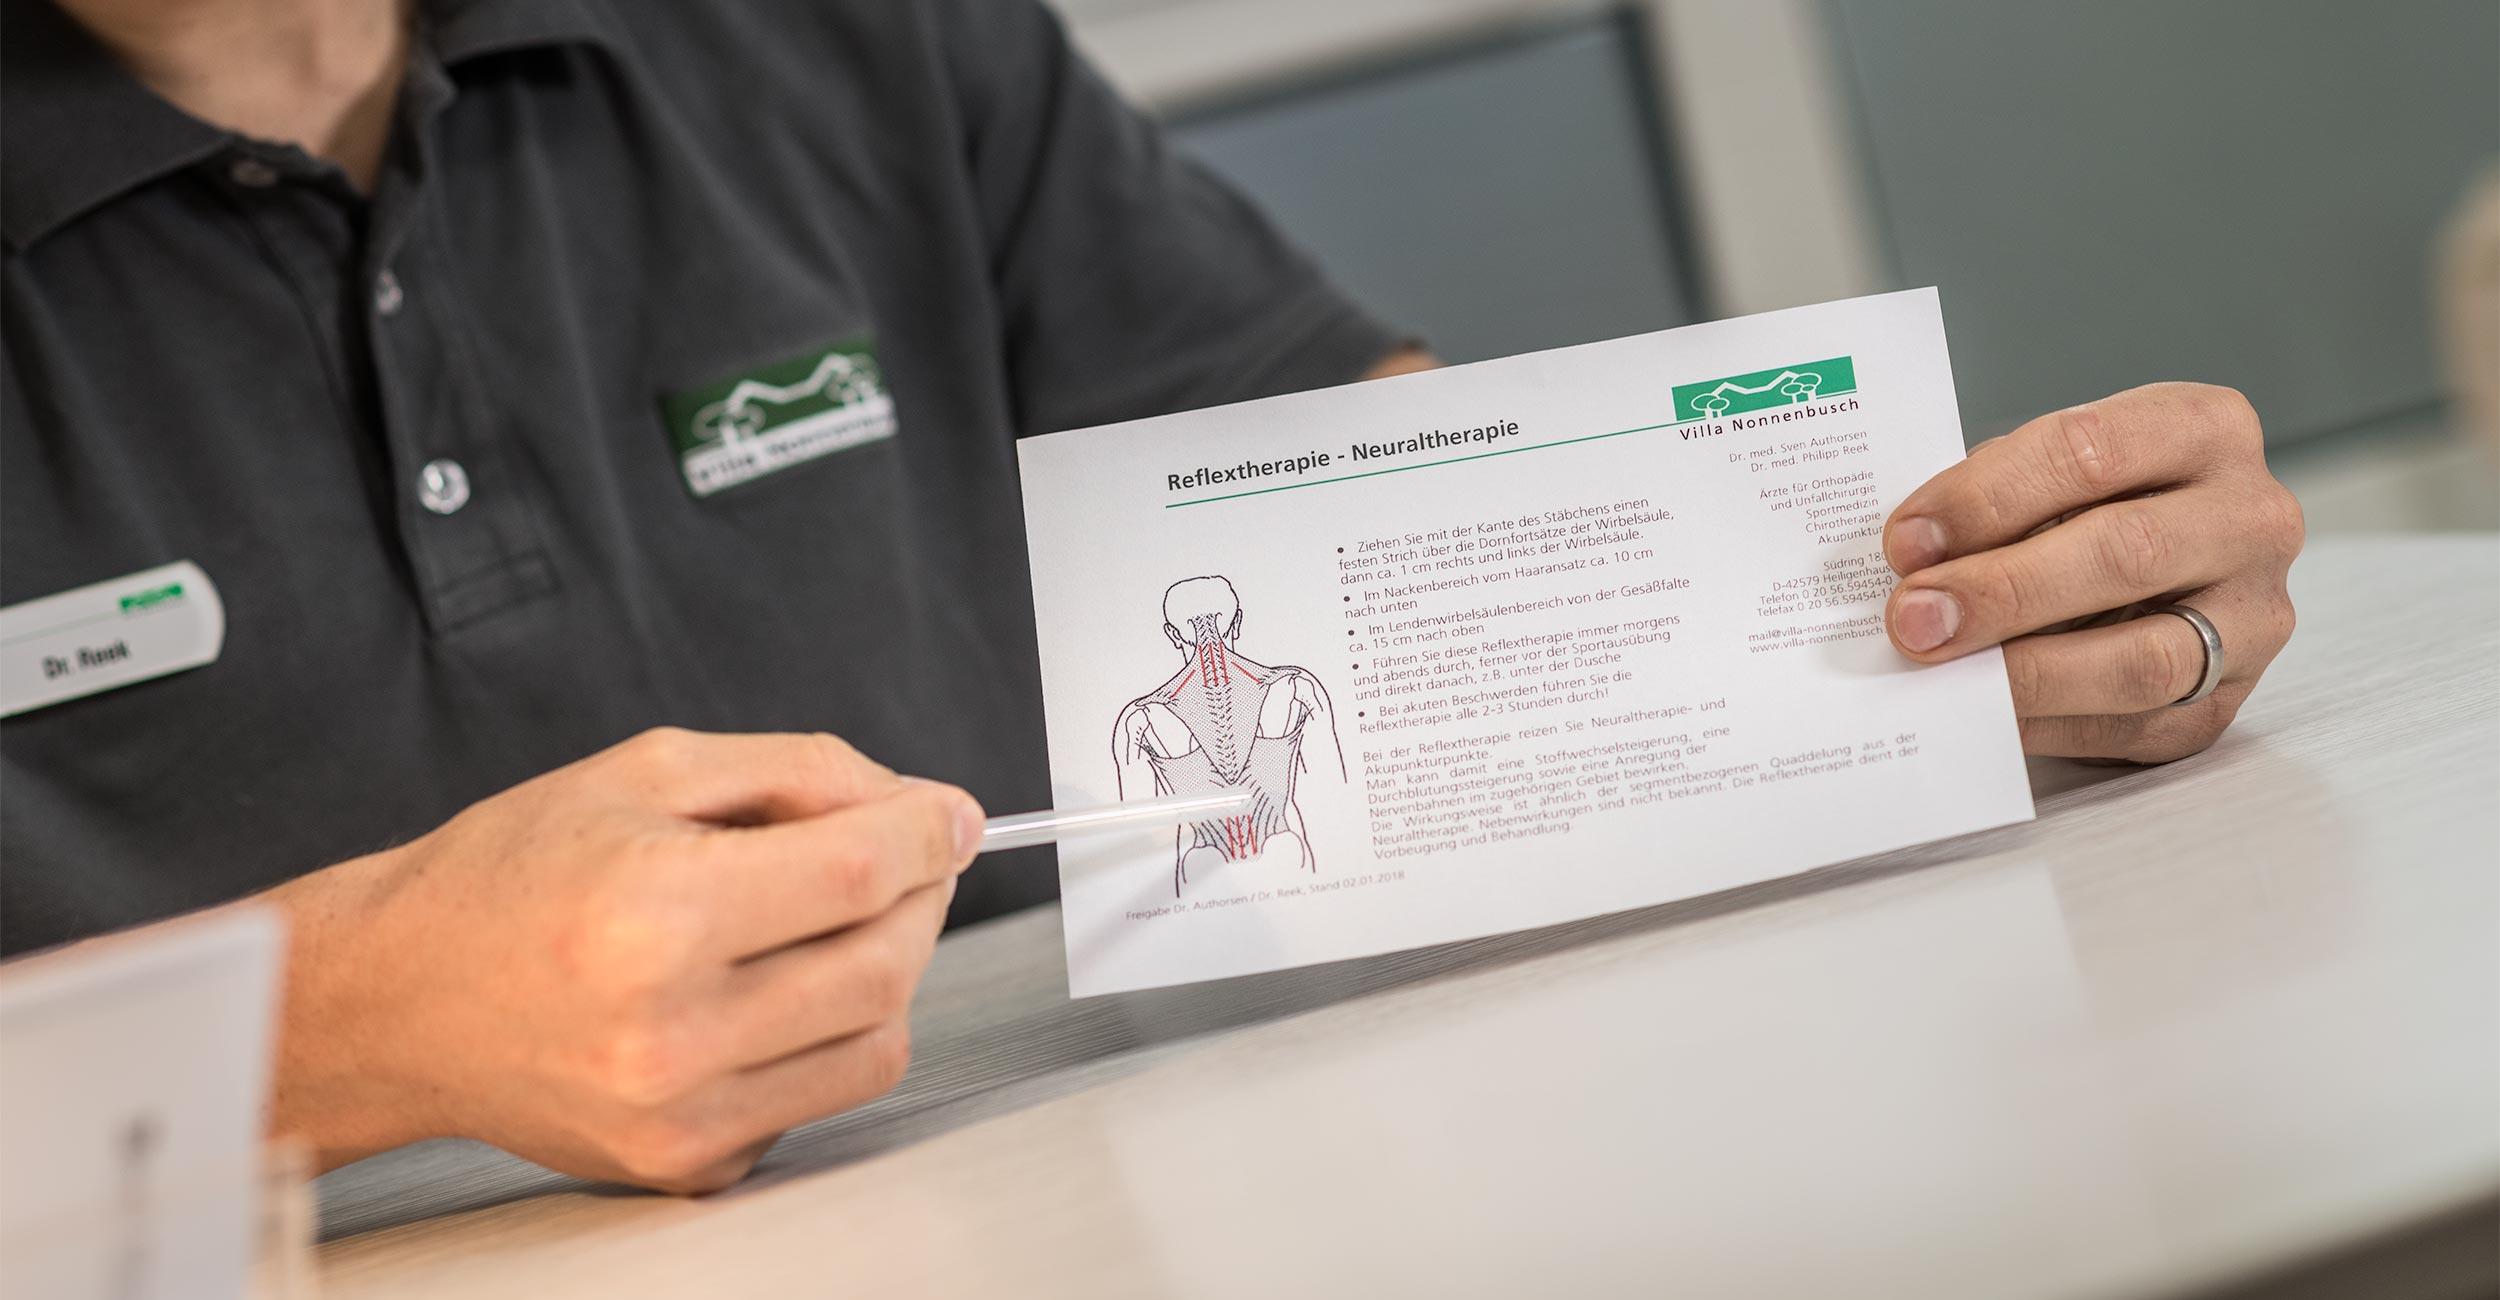 Neuraltherapie in Heiligenhaus und Mettmann